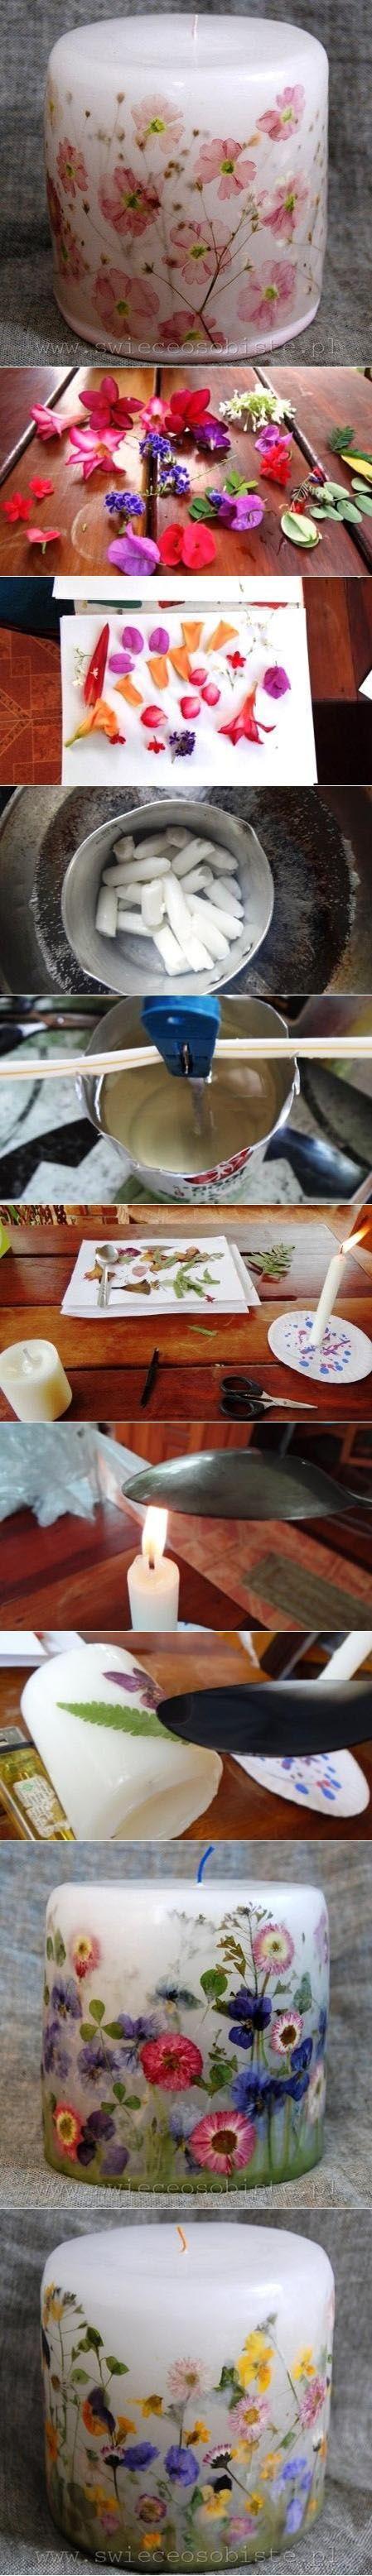 Diy Beautiful Candle   DIY & Crafts Tutorials